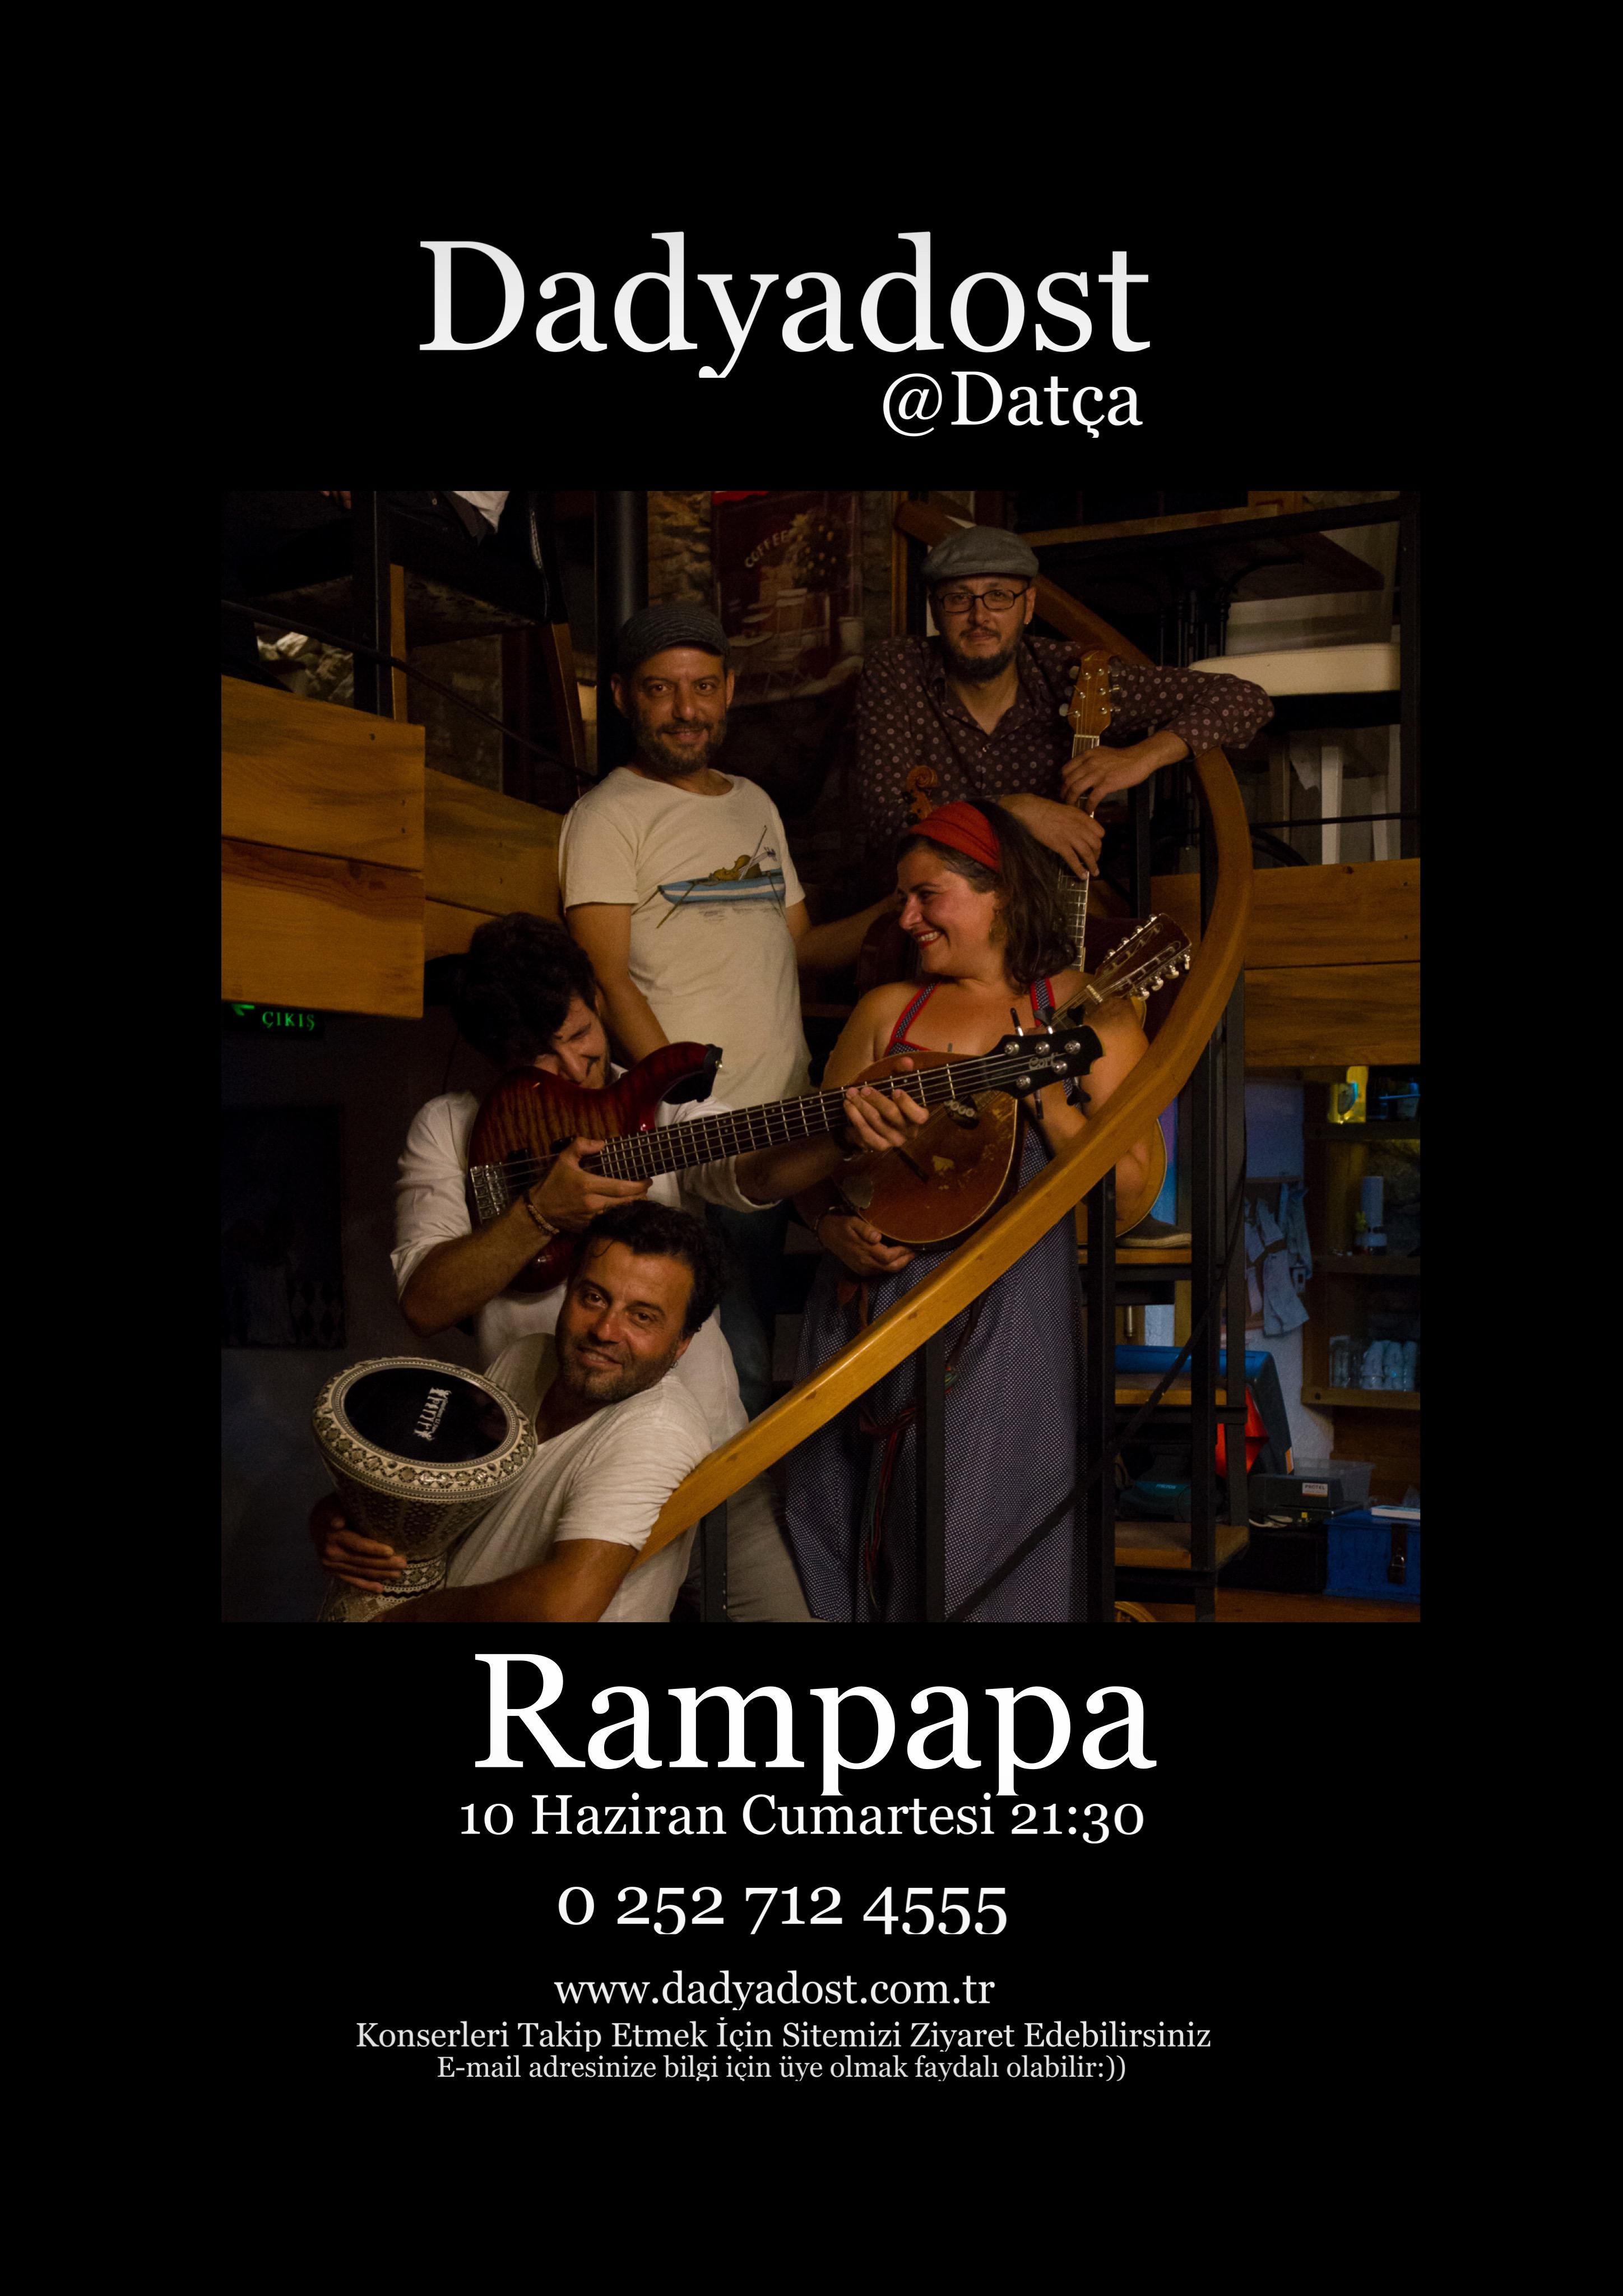 Rampapa_Dadyadost